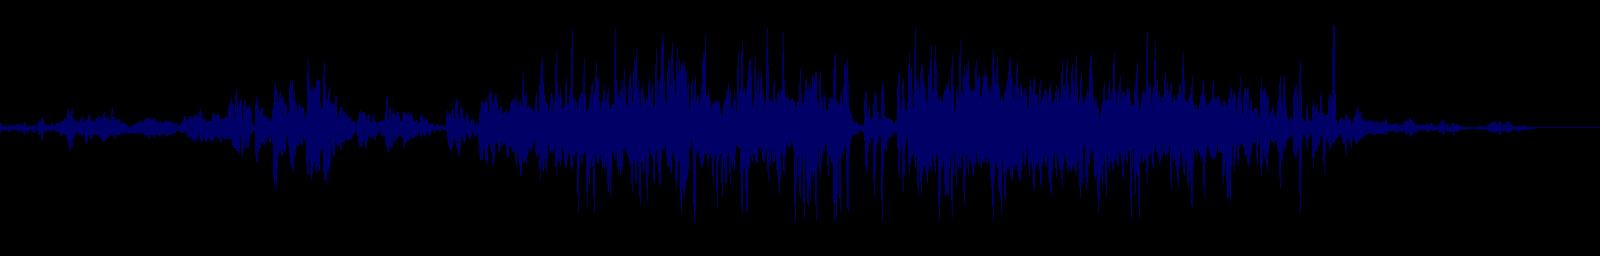 waveform of track #129634